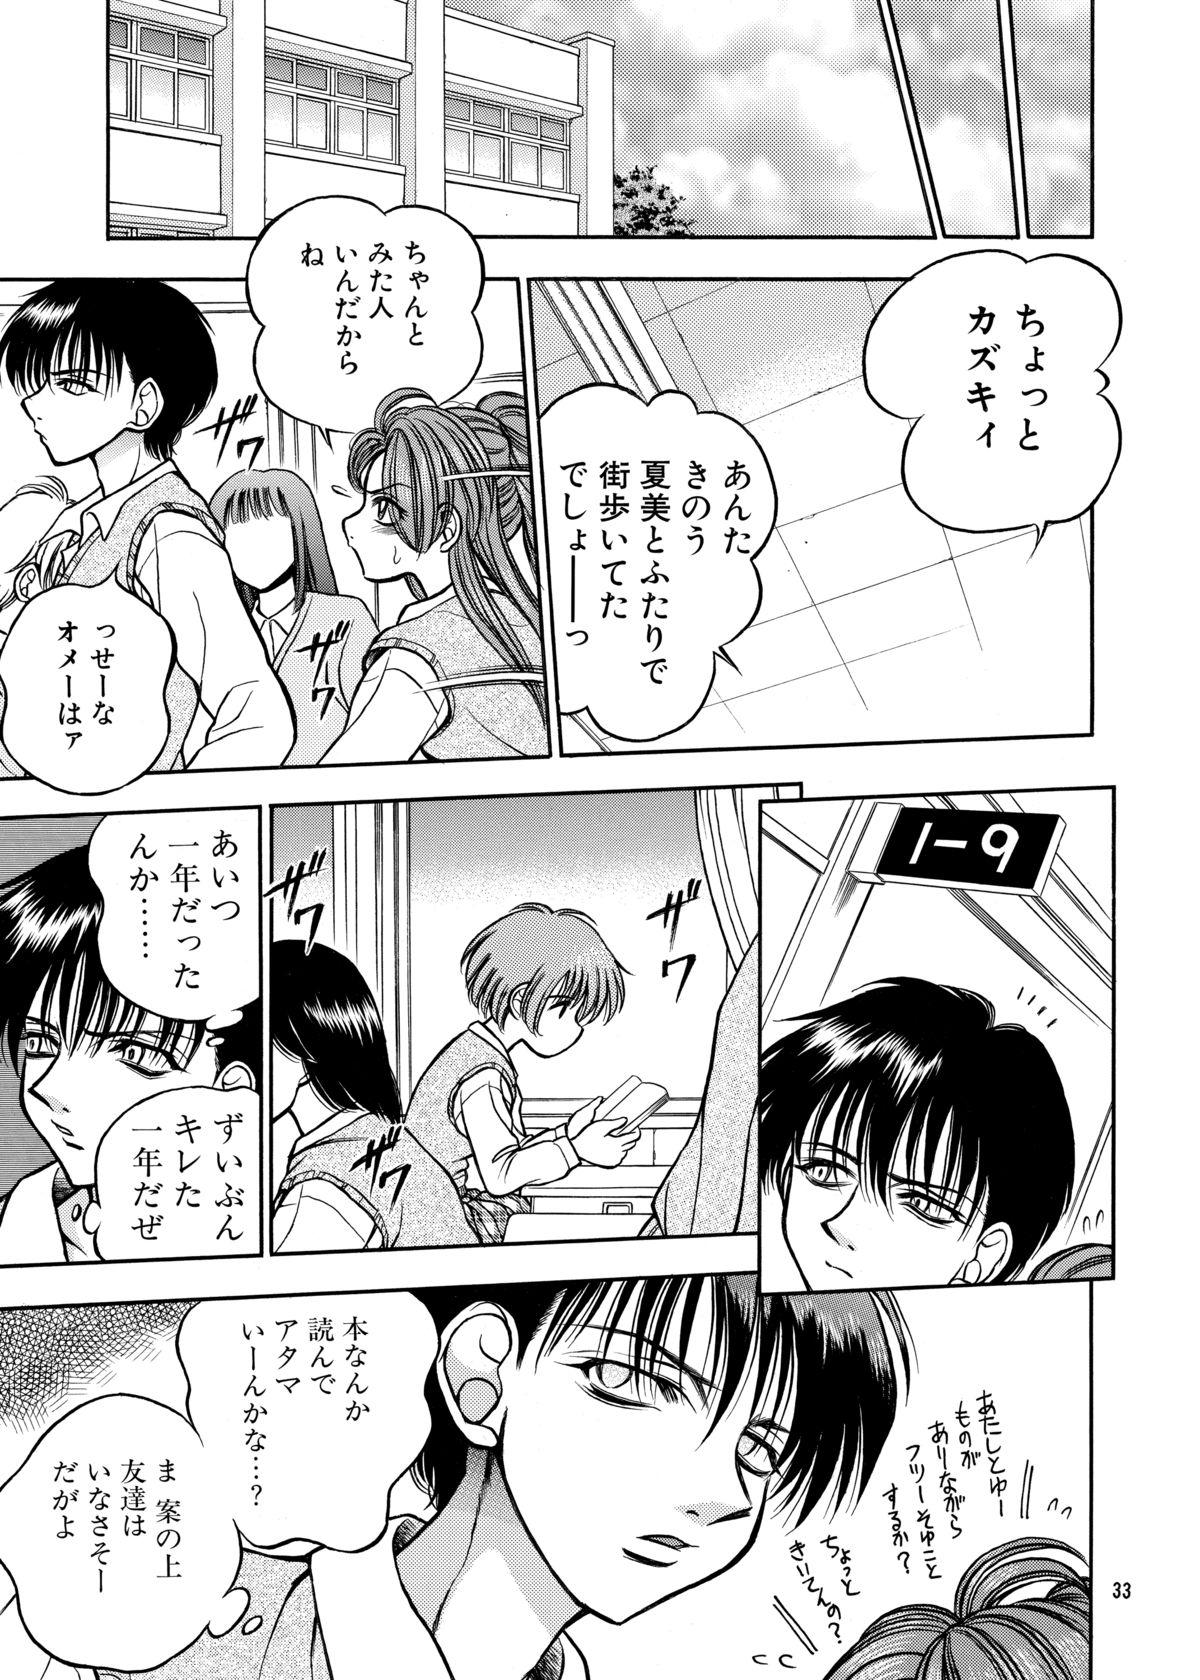 ココロノママニ 厩戸王子商業作品再録本 31